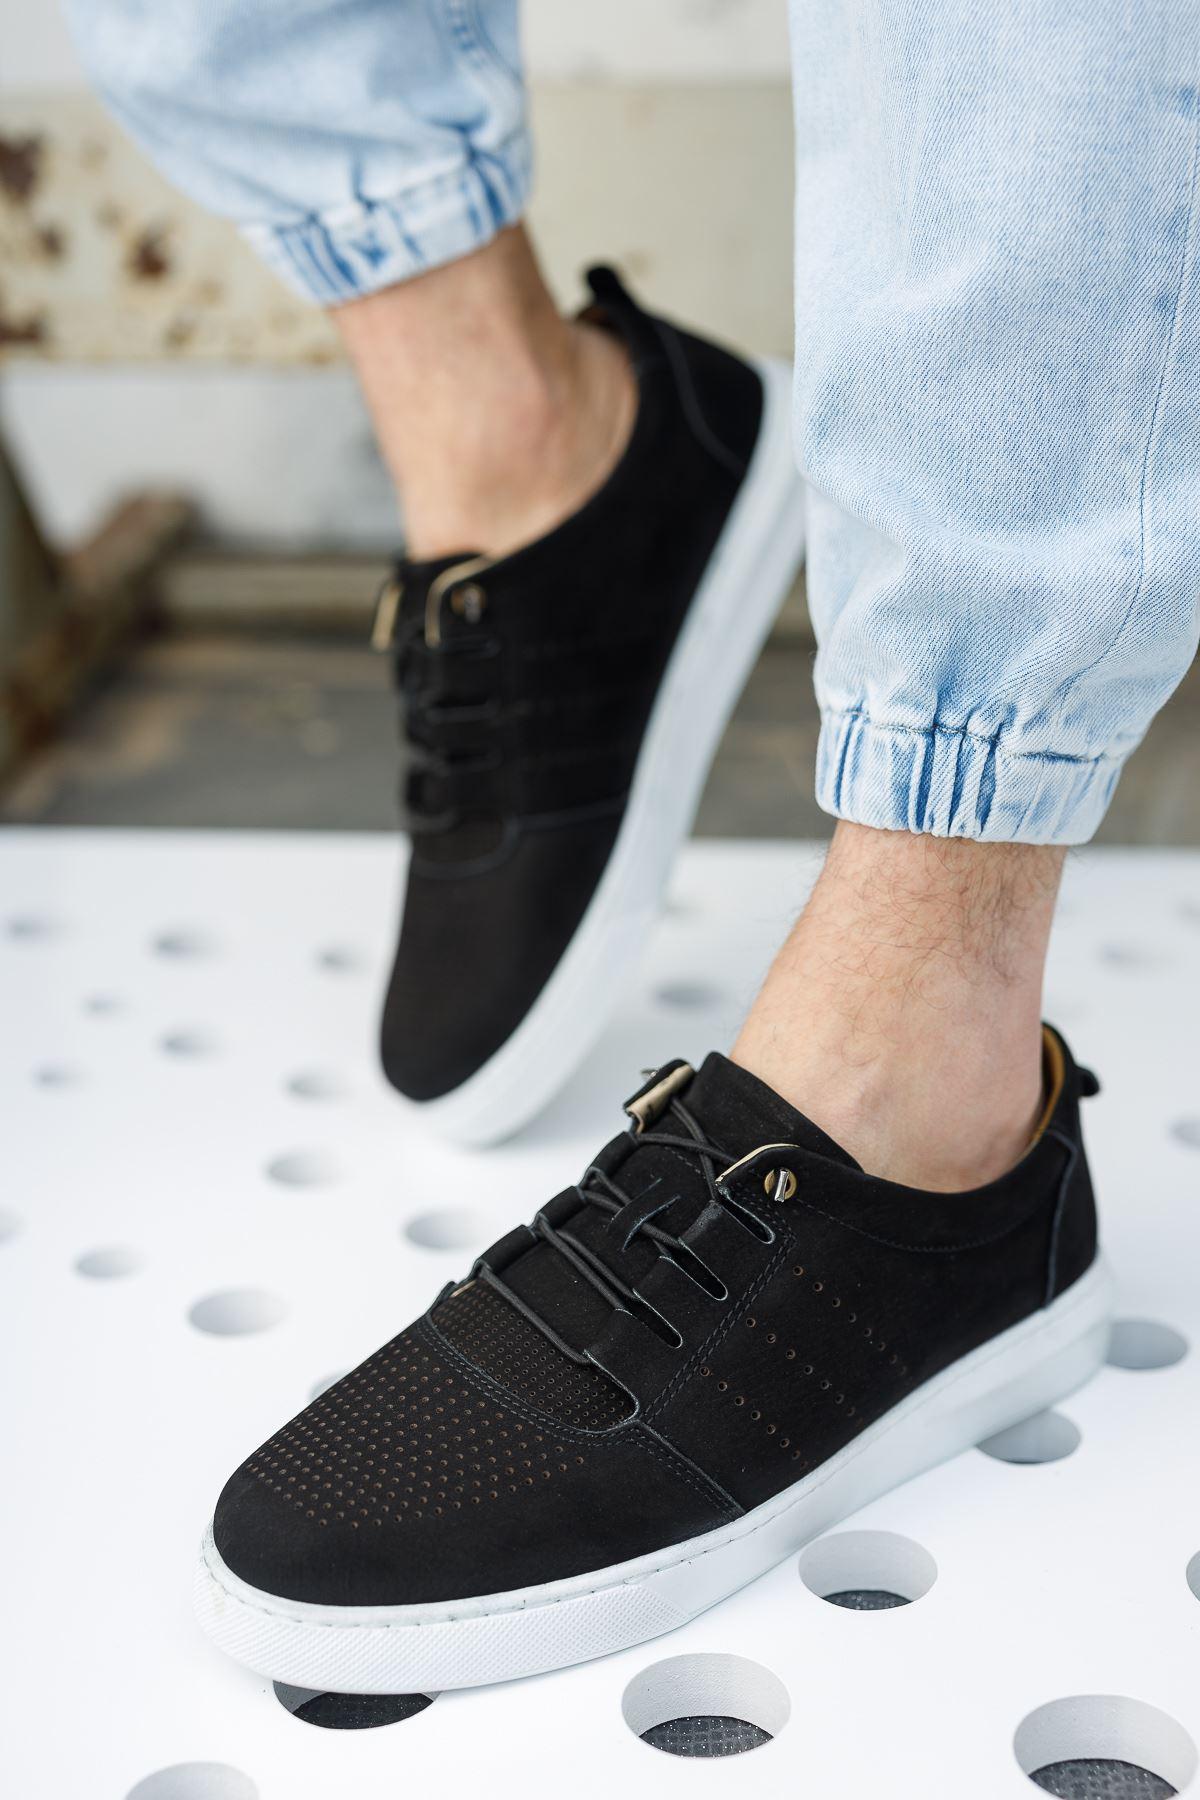 Lastik Bağcıklı Ortopedik Taban Siyah Süet Deri Ayakkabı